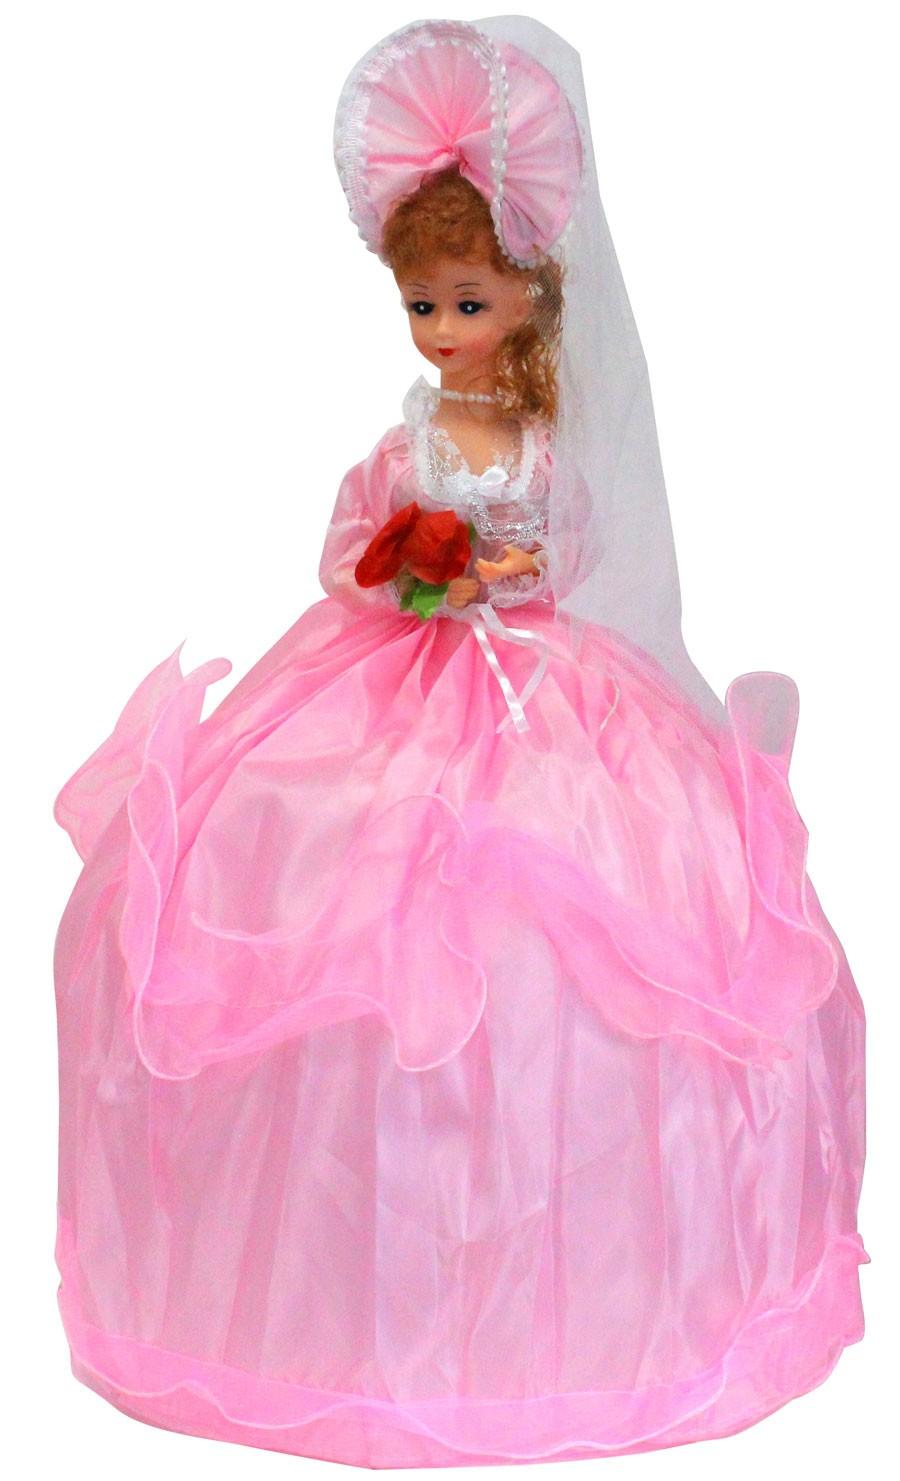 puppe im rosanem kleid ca 50 cm sp 21066 gro handel. Black Bedroom Furniture Sets. Home Design Ideas